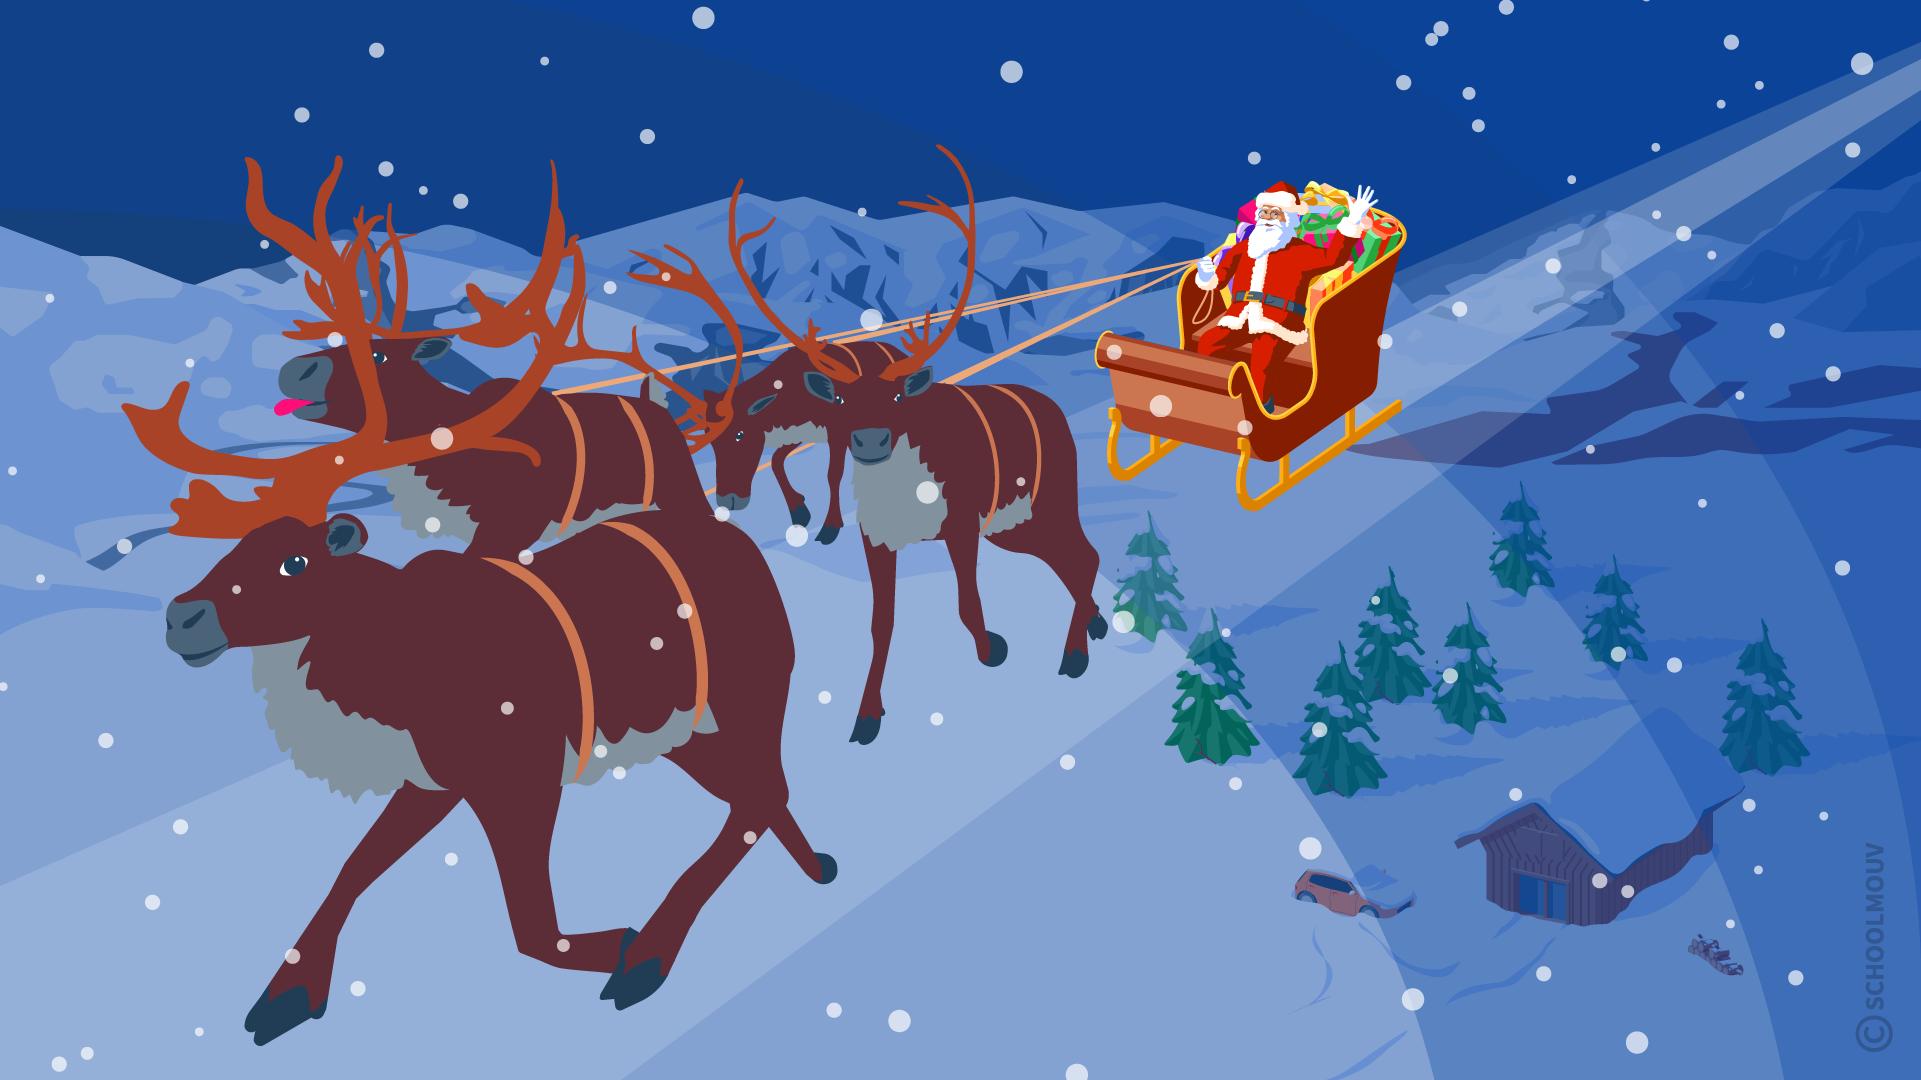 joyeux Noël merry Christmas traineau renne anglais